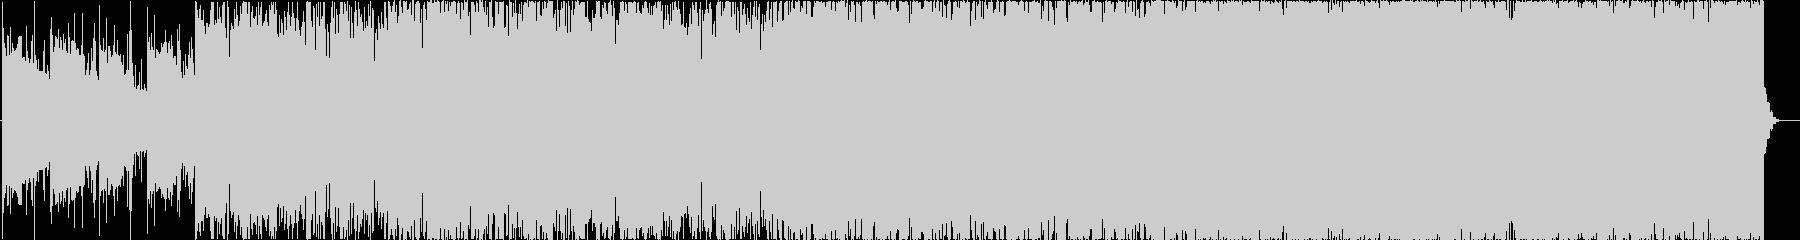 MMORPGのフィールド音楽溶岩ステージの未再生の波形